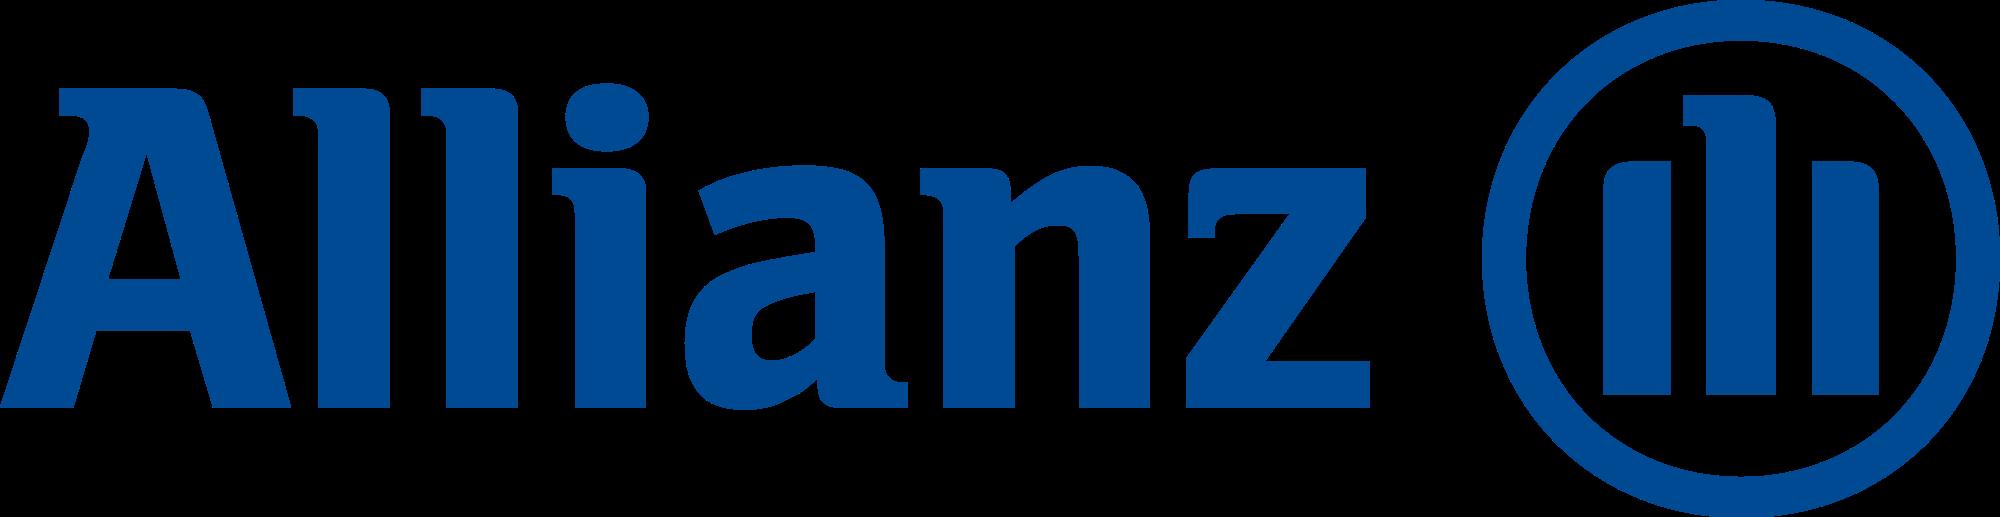 allianz logo 4 - Allianz Logo